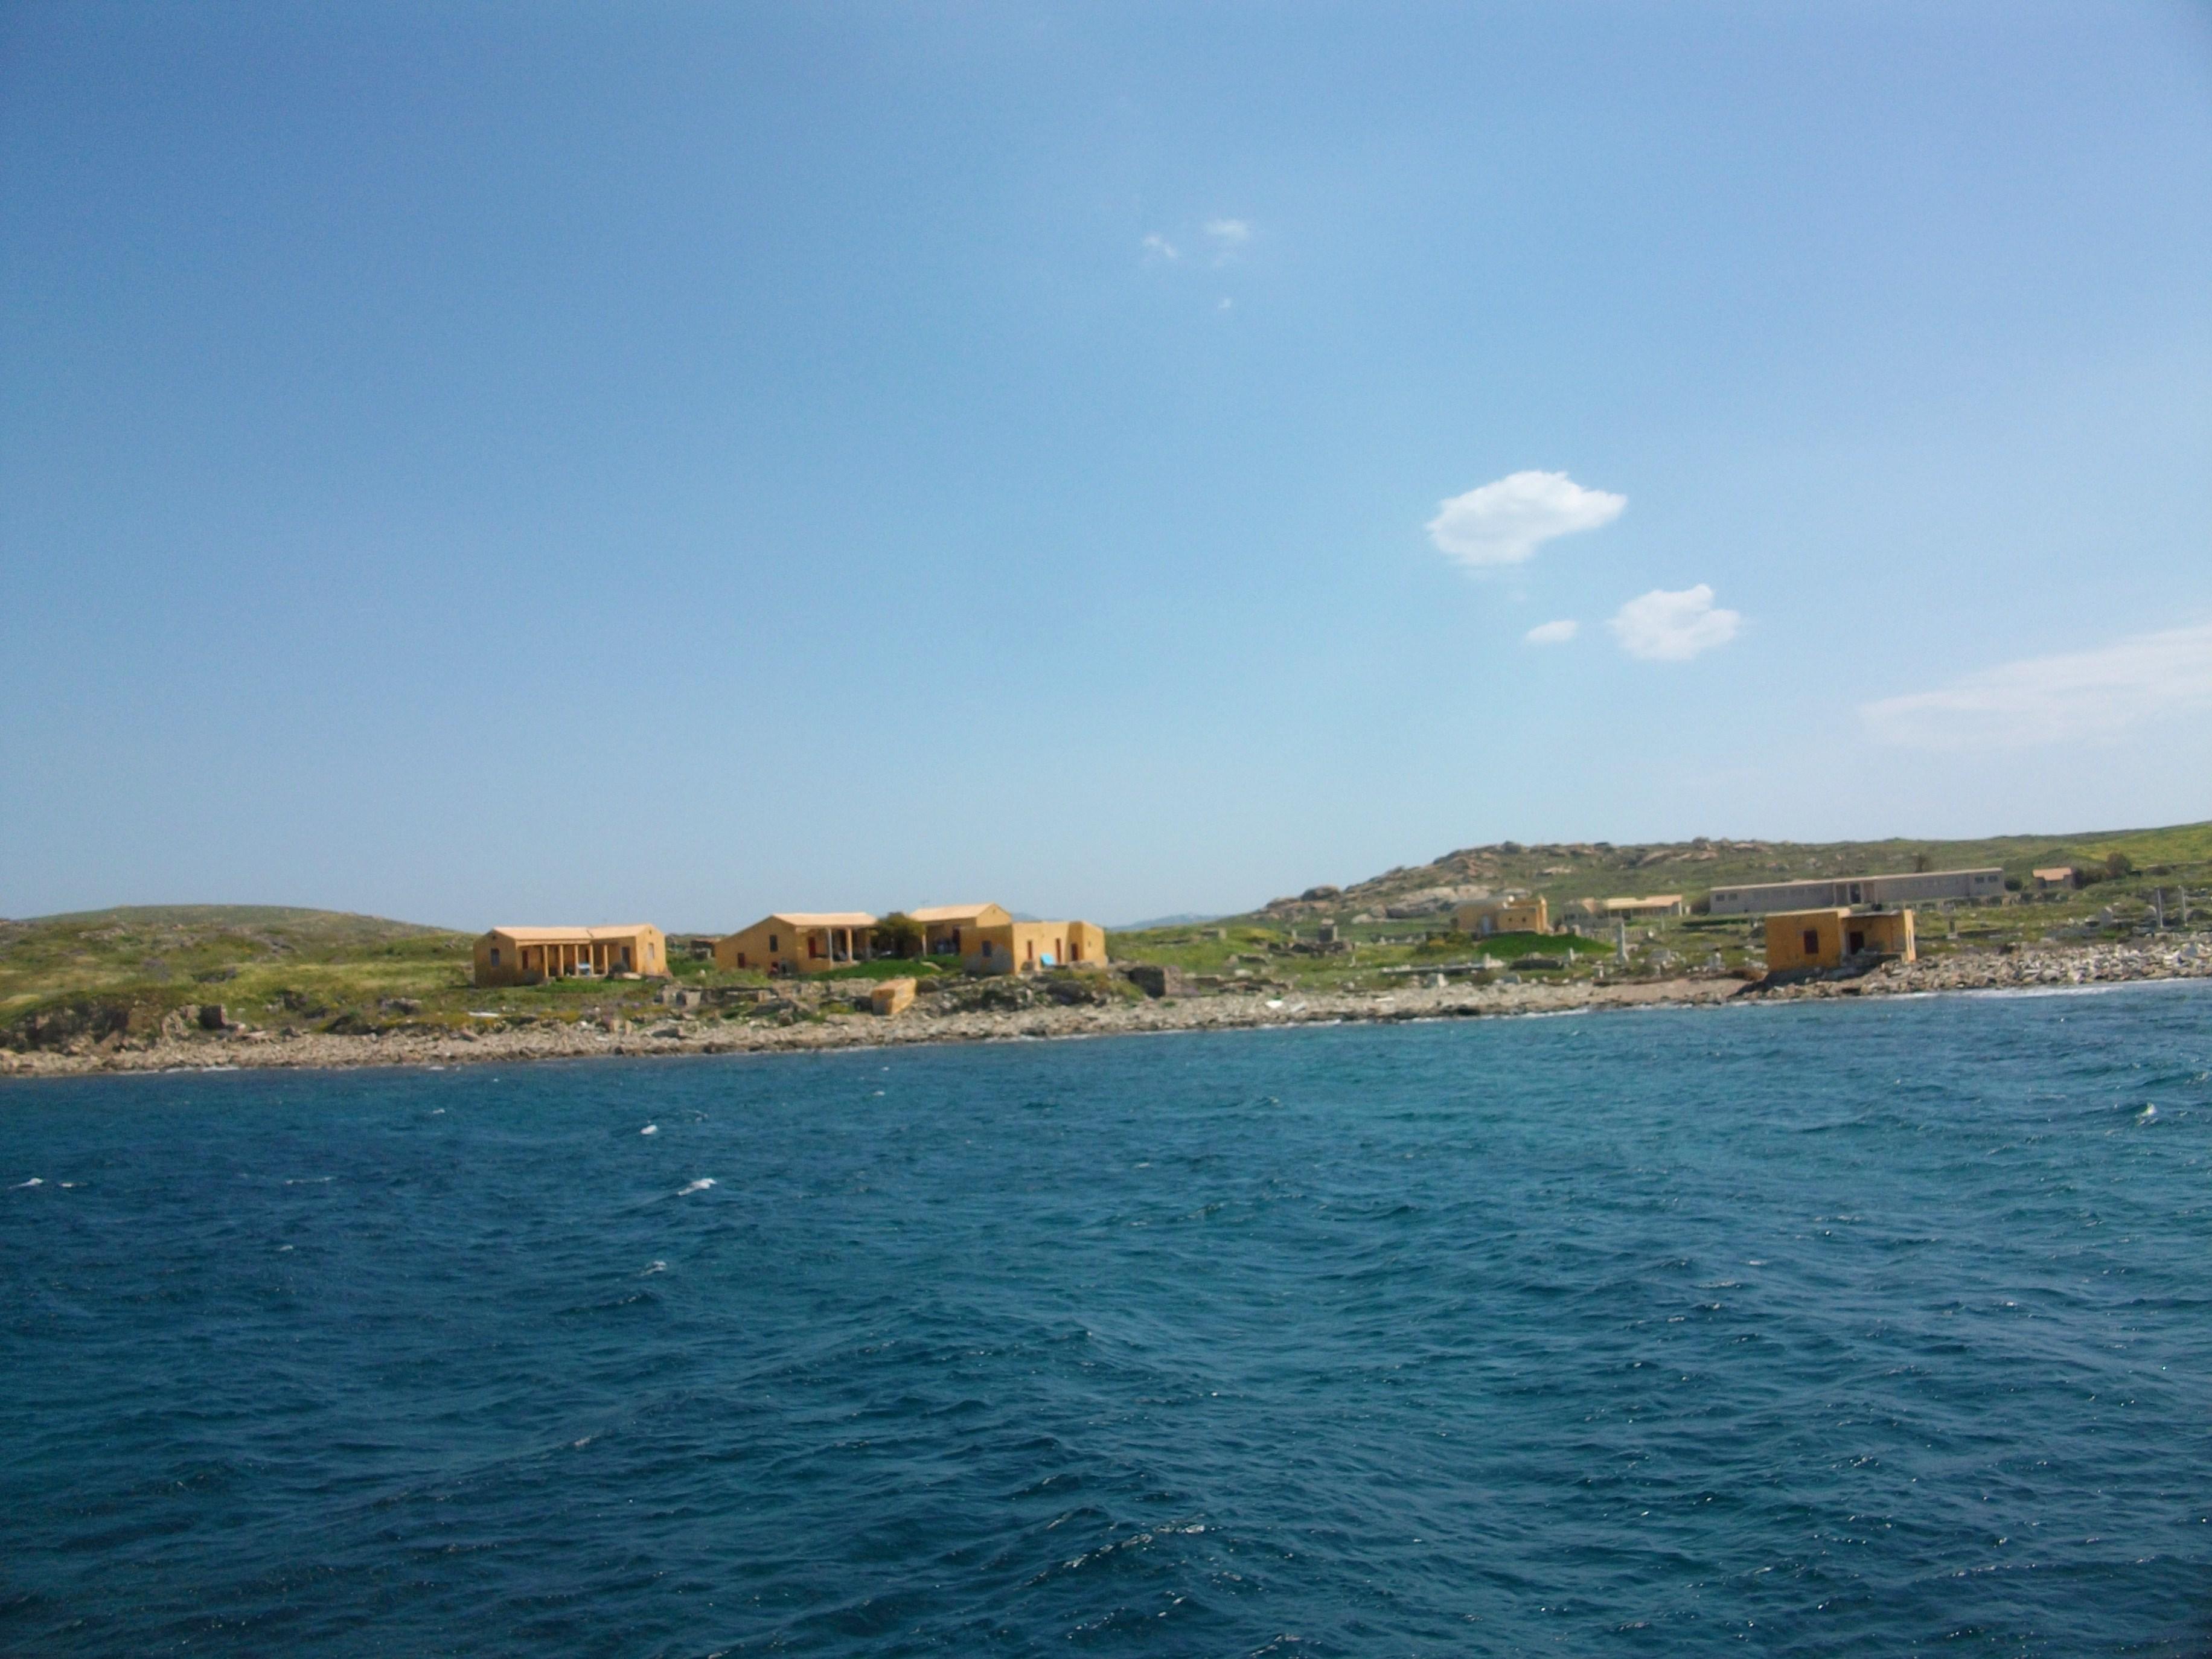 Image of Delos